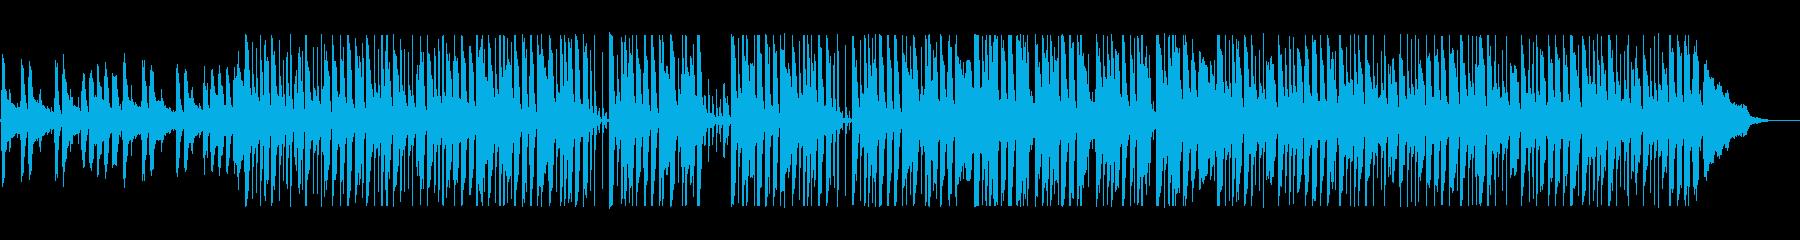 リズミカルでキャッチ―なポップサウンドの再生済みの波形